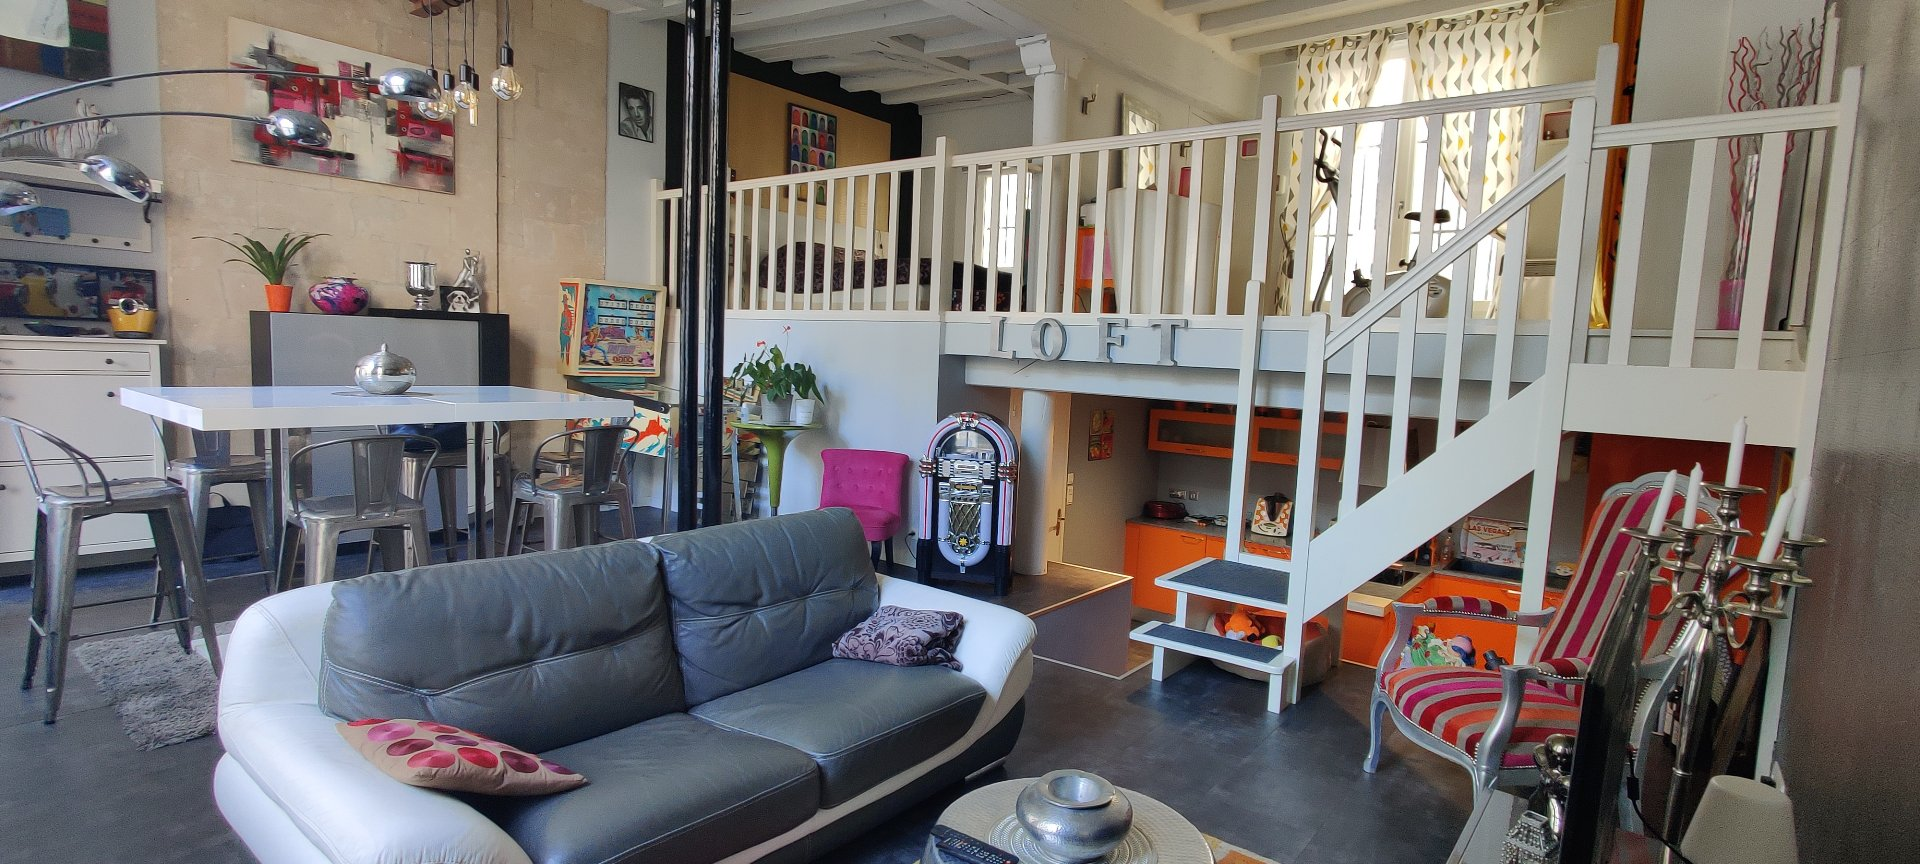 Appartement esprit loft - Secteur Halles